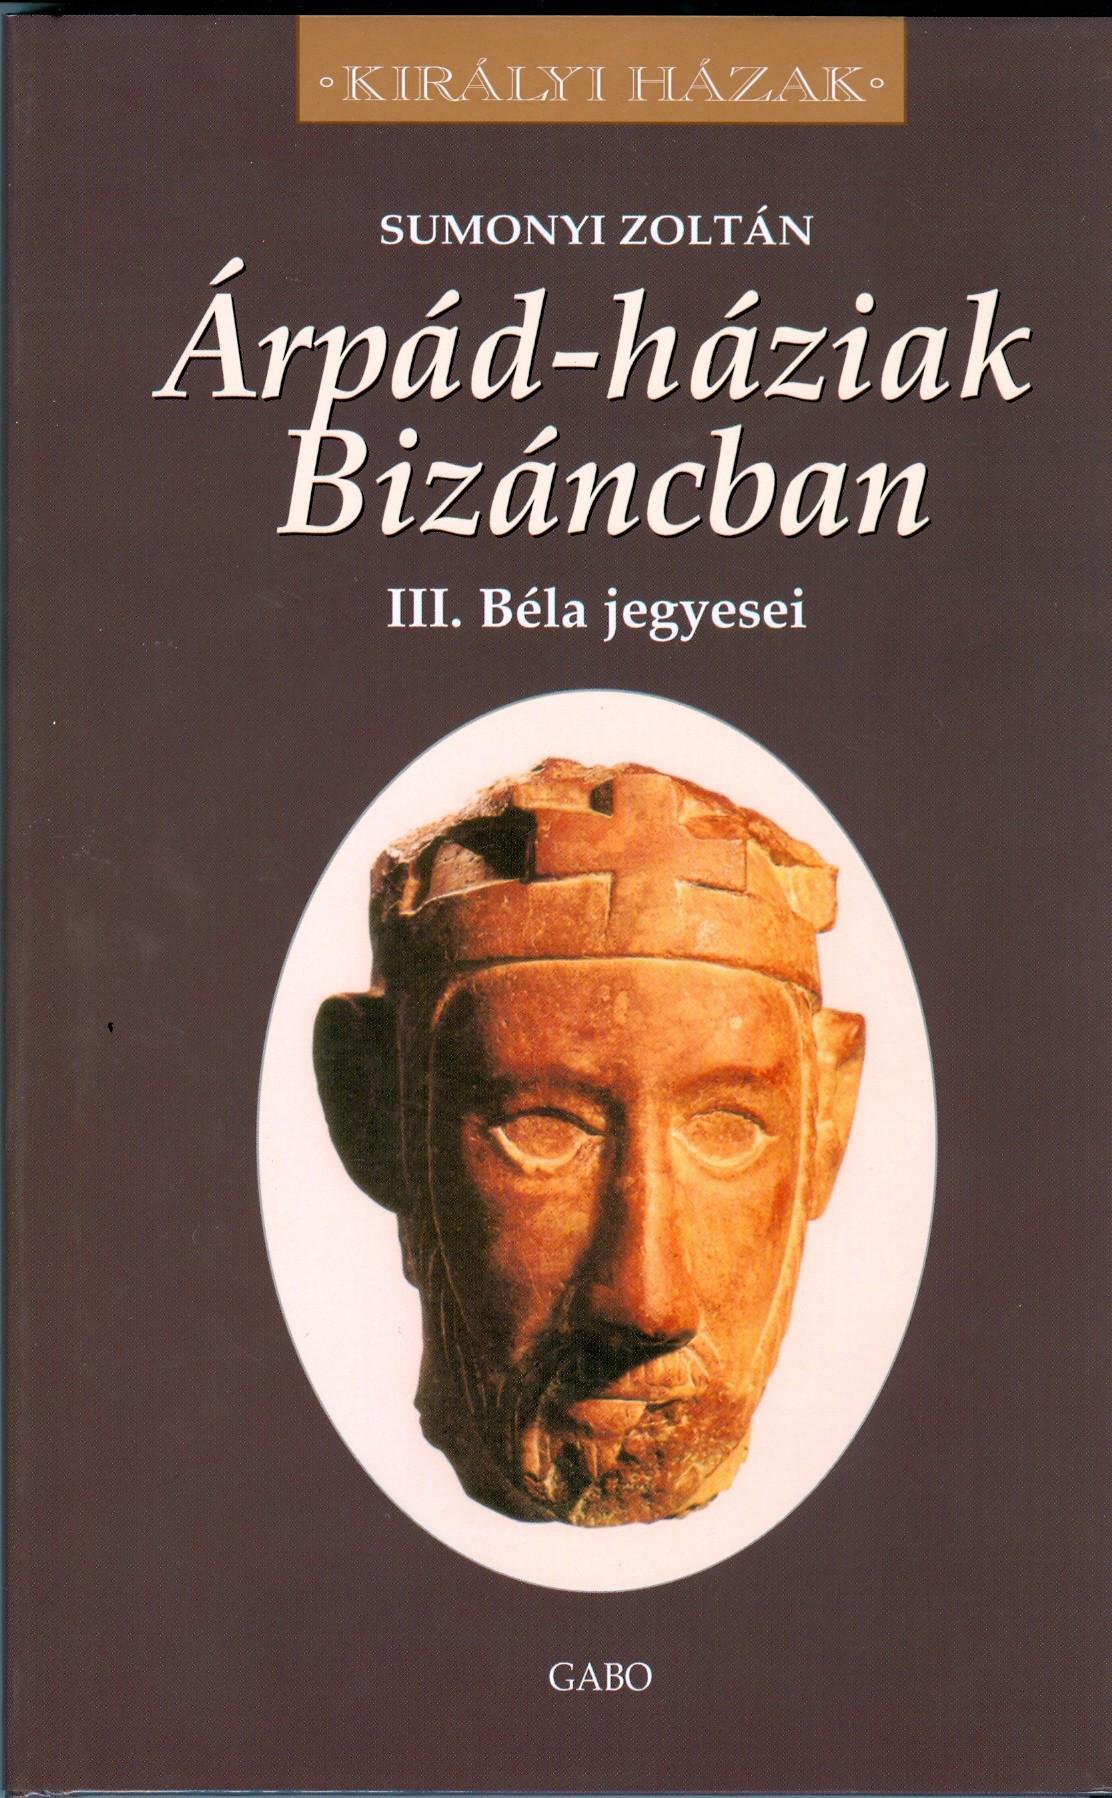 ÁRPÁD-HÁZIAK BIZÁNCBAN - III. BÉLA JEGYESEI